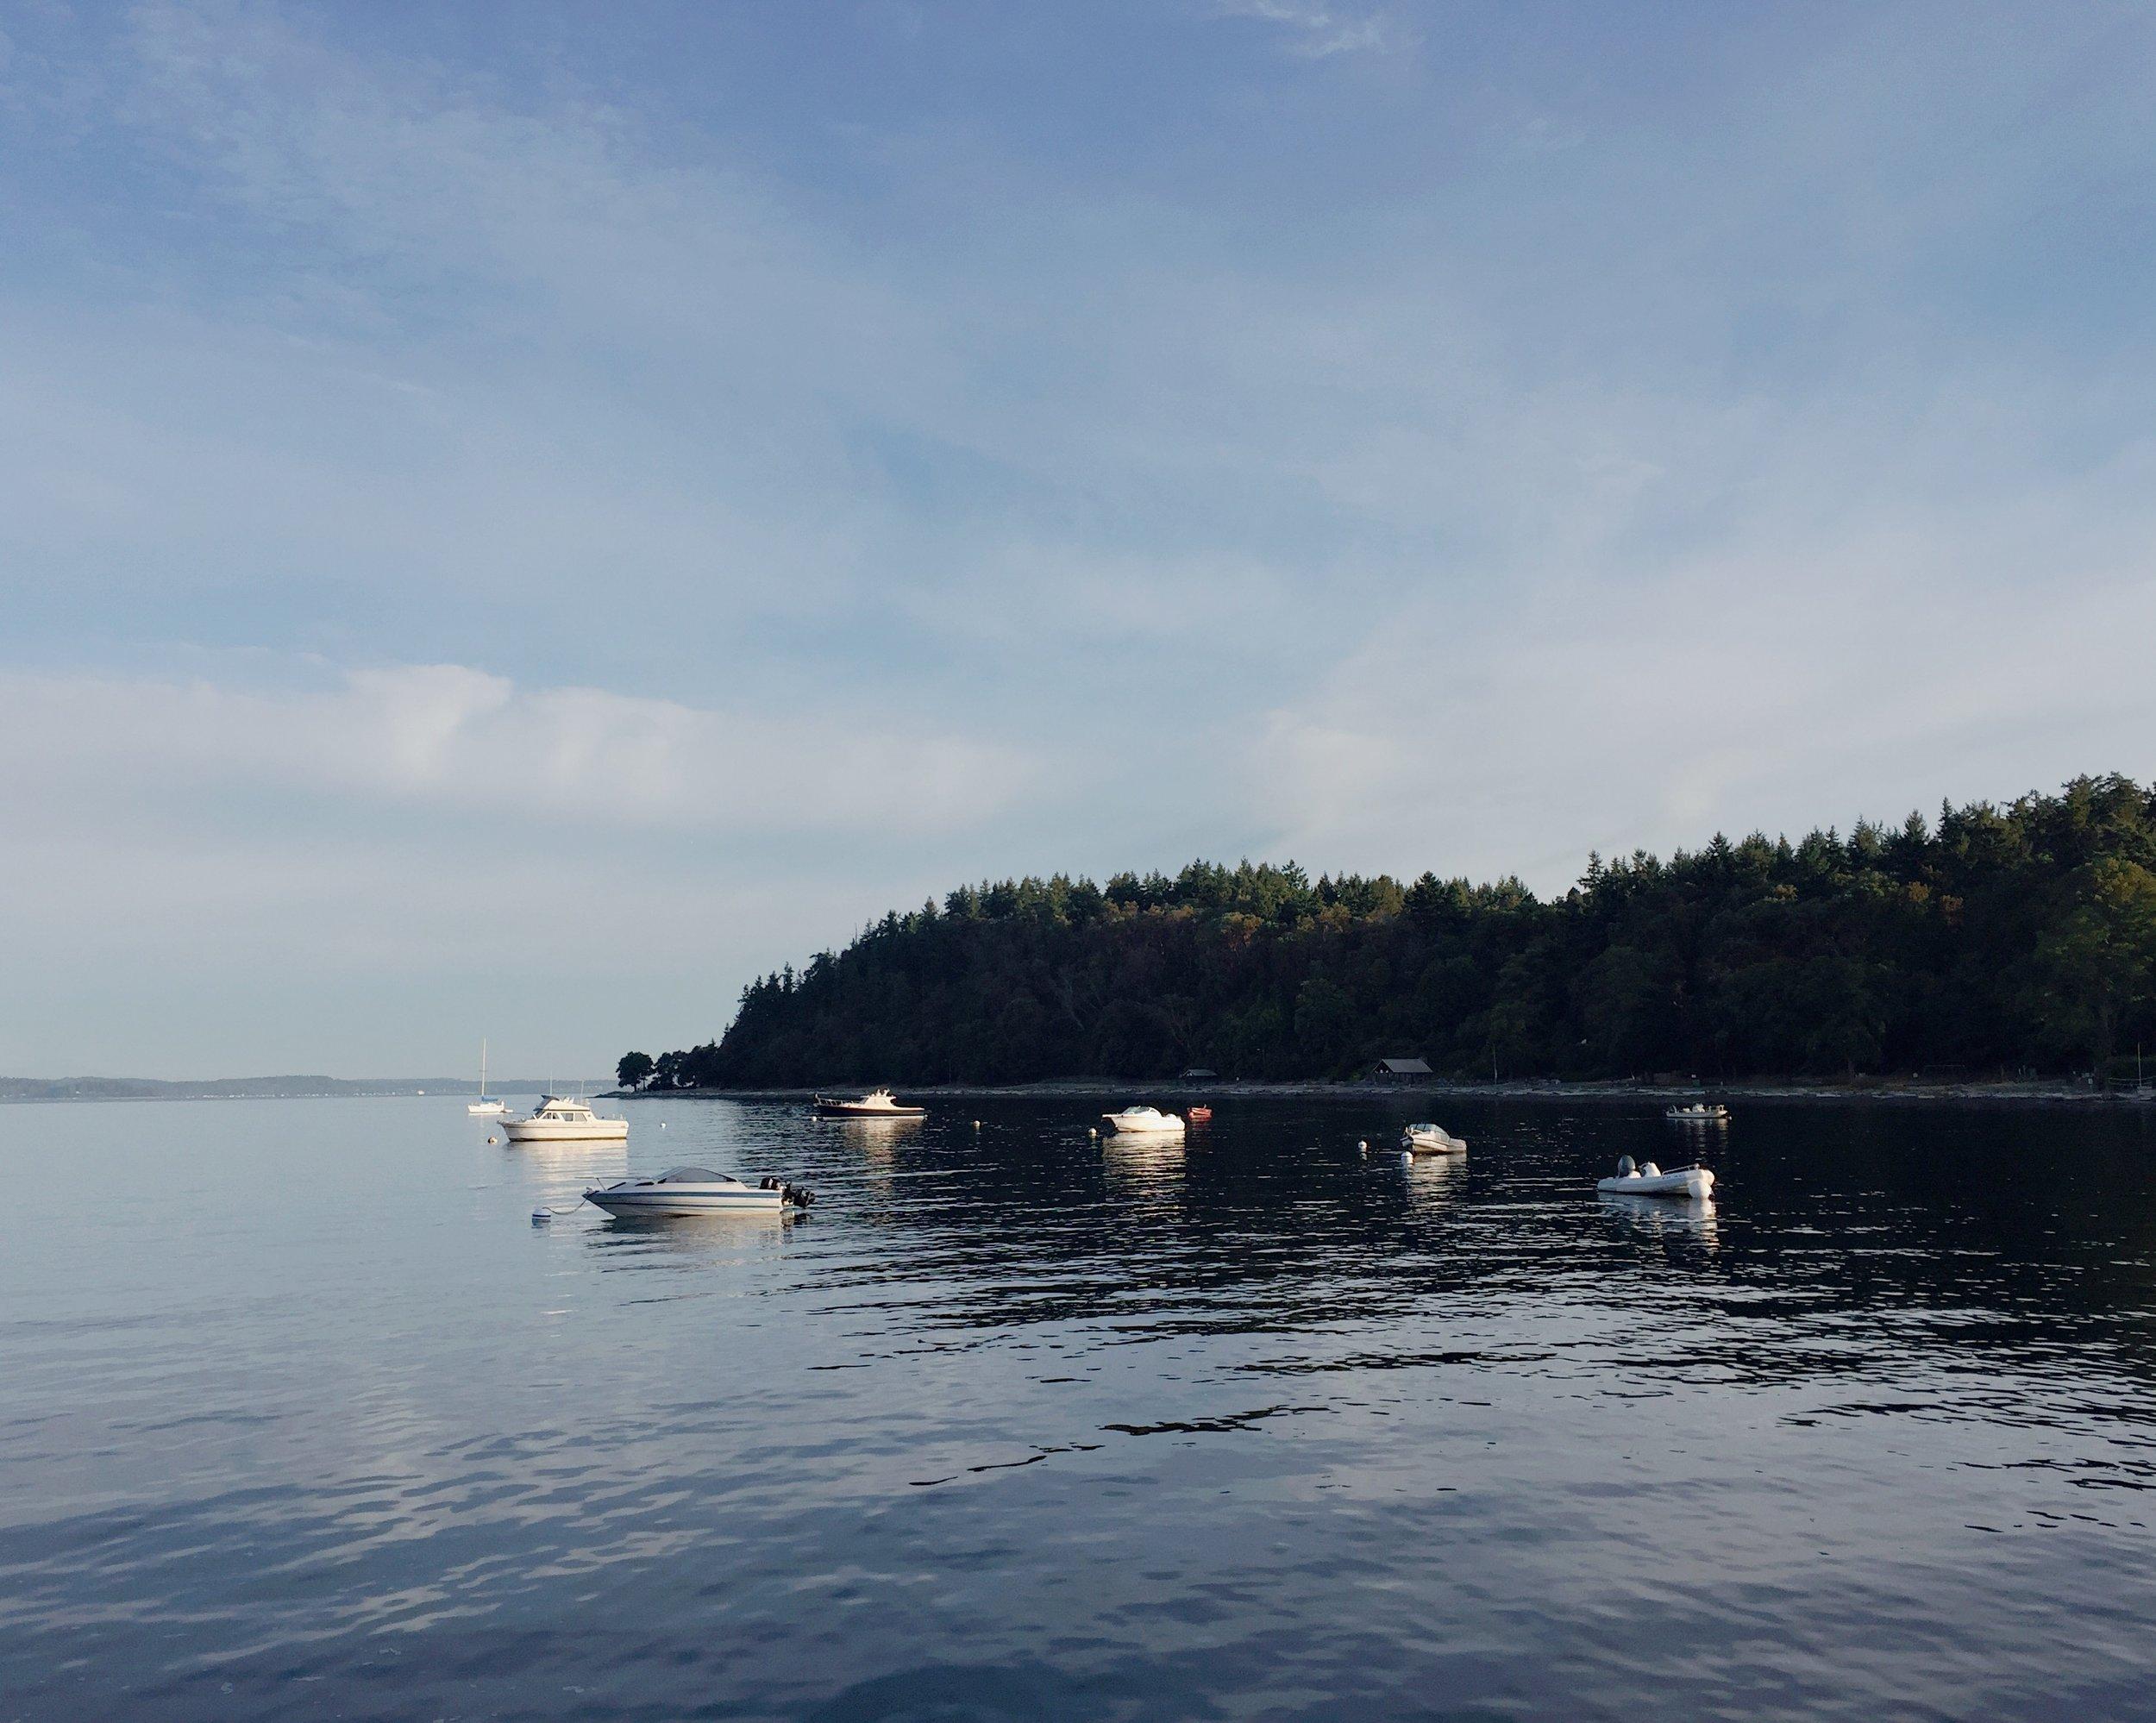 seattle aug 2017 boat portrait.jpg